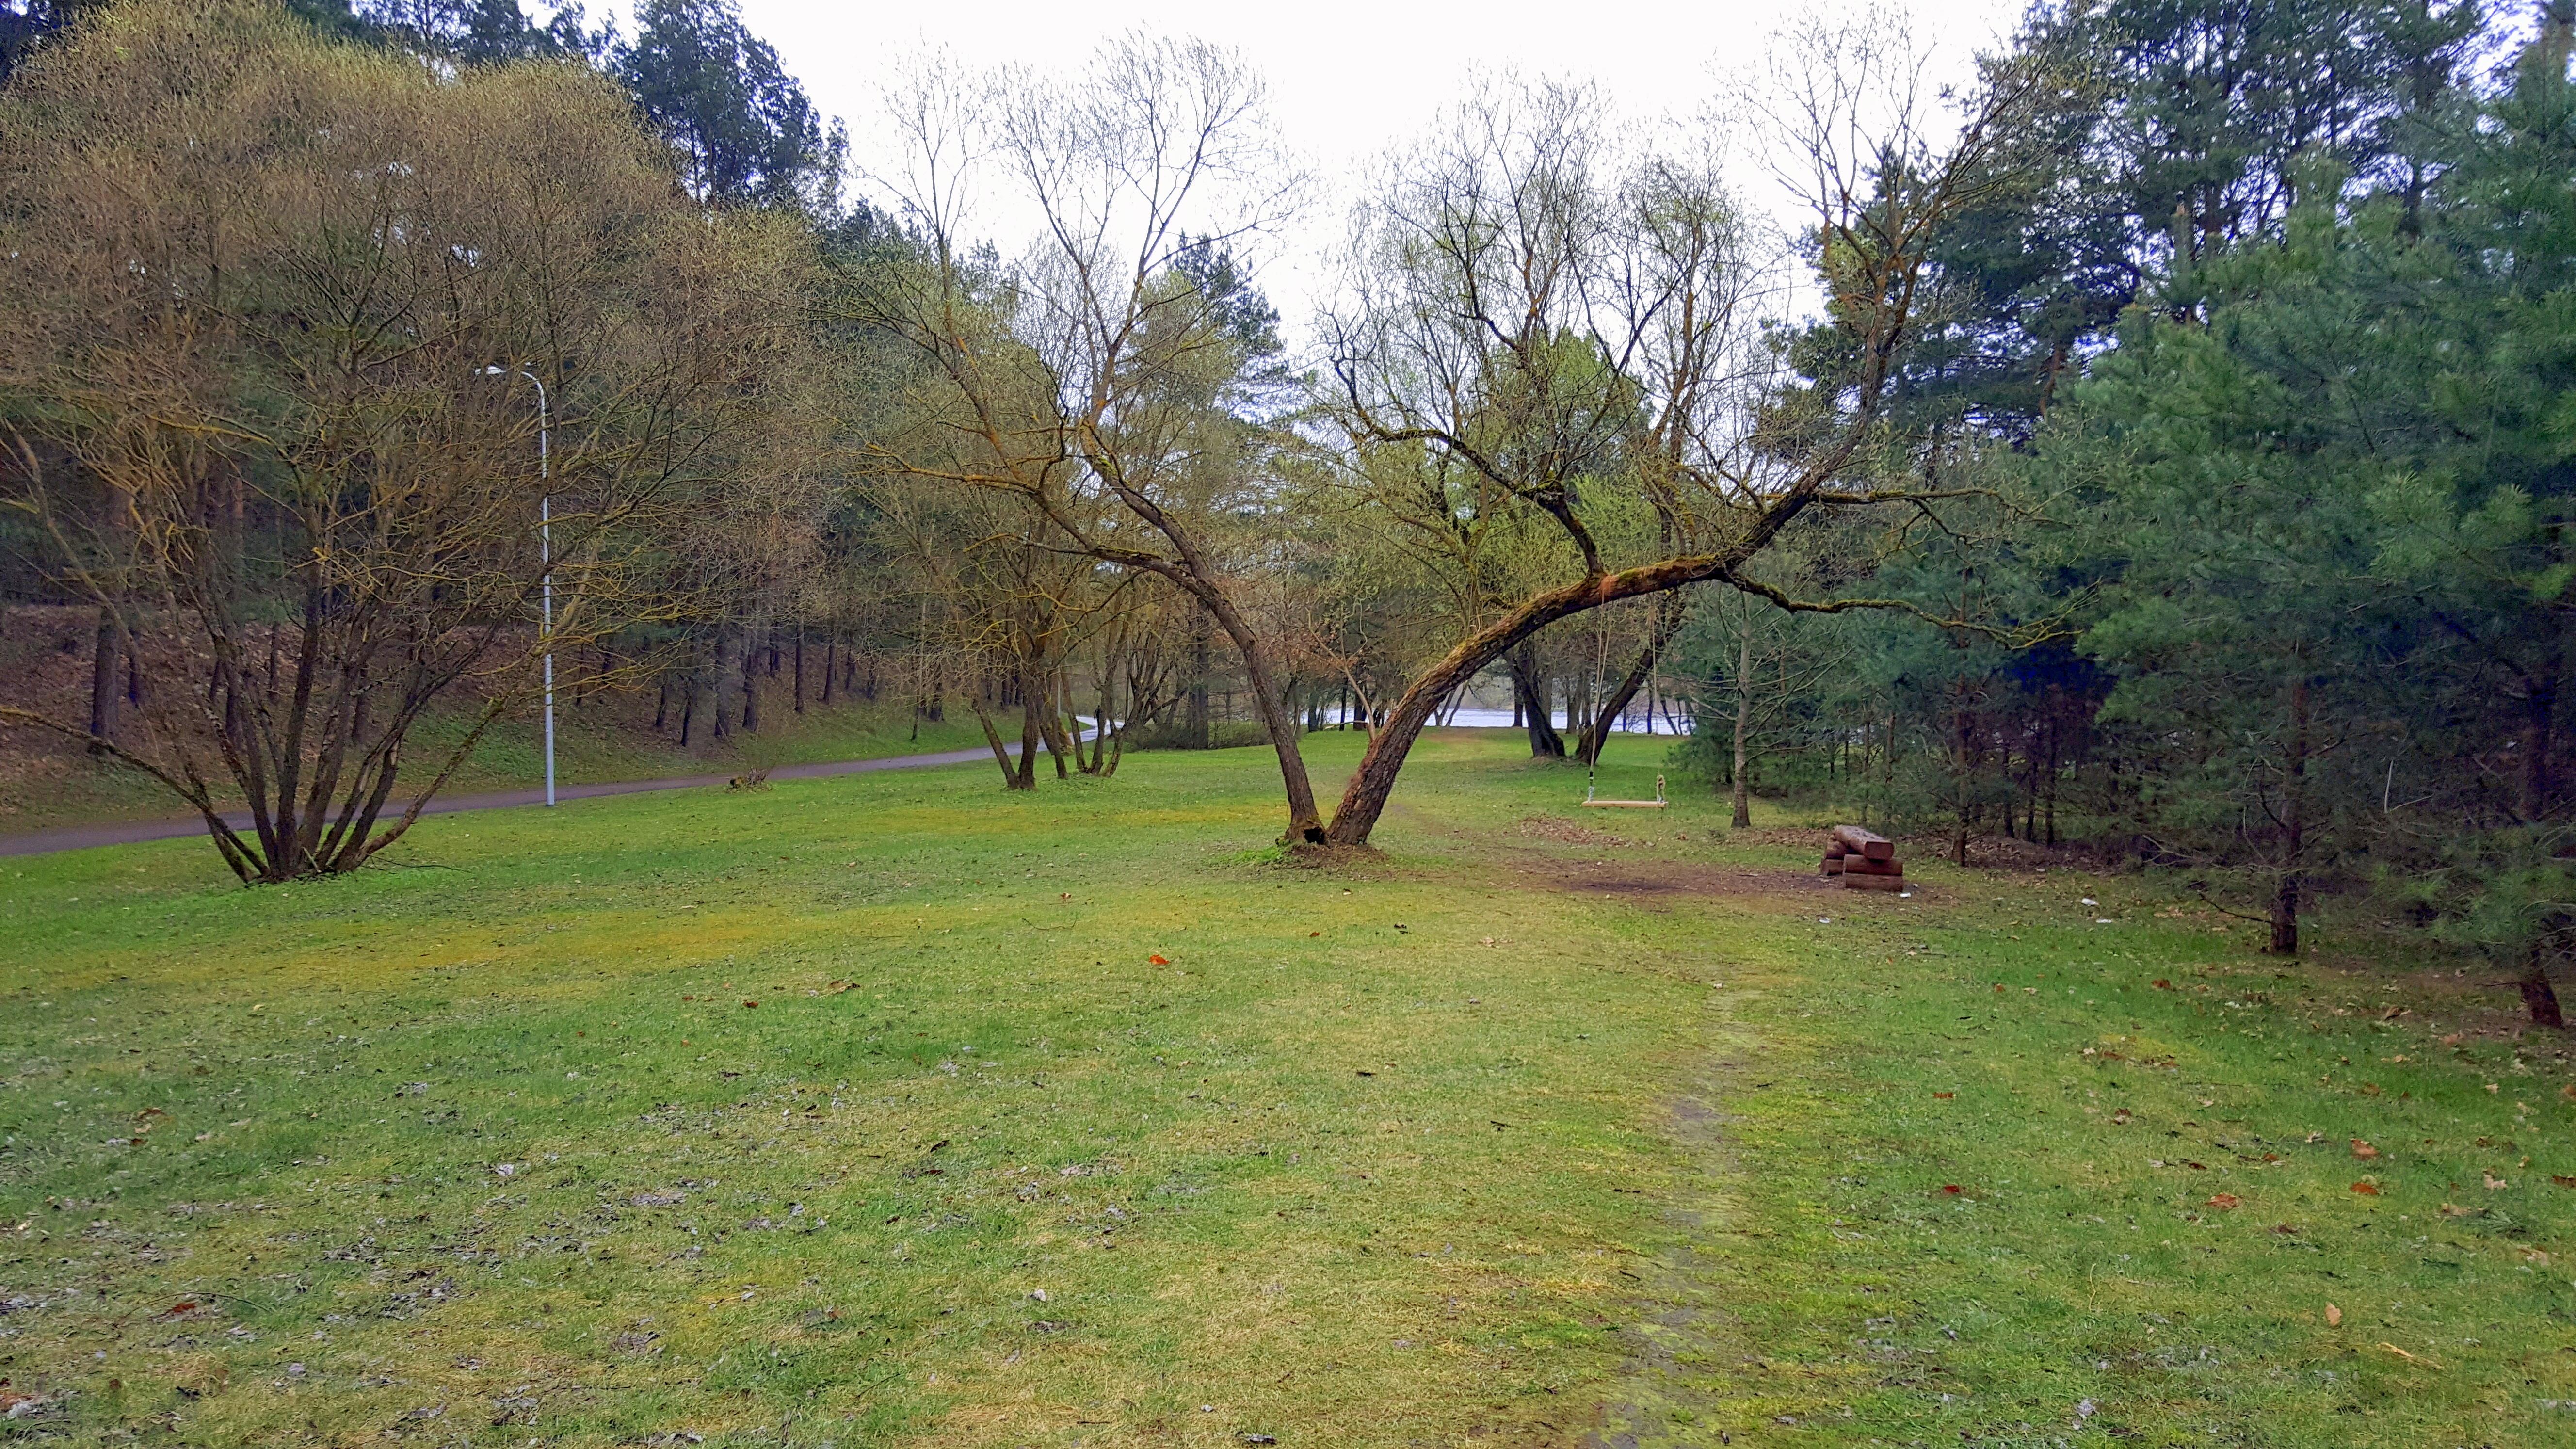 Panemunės šilo parkas